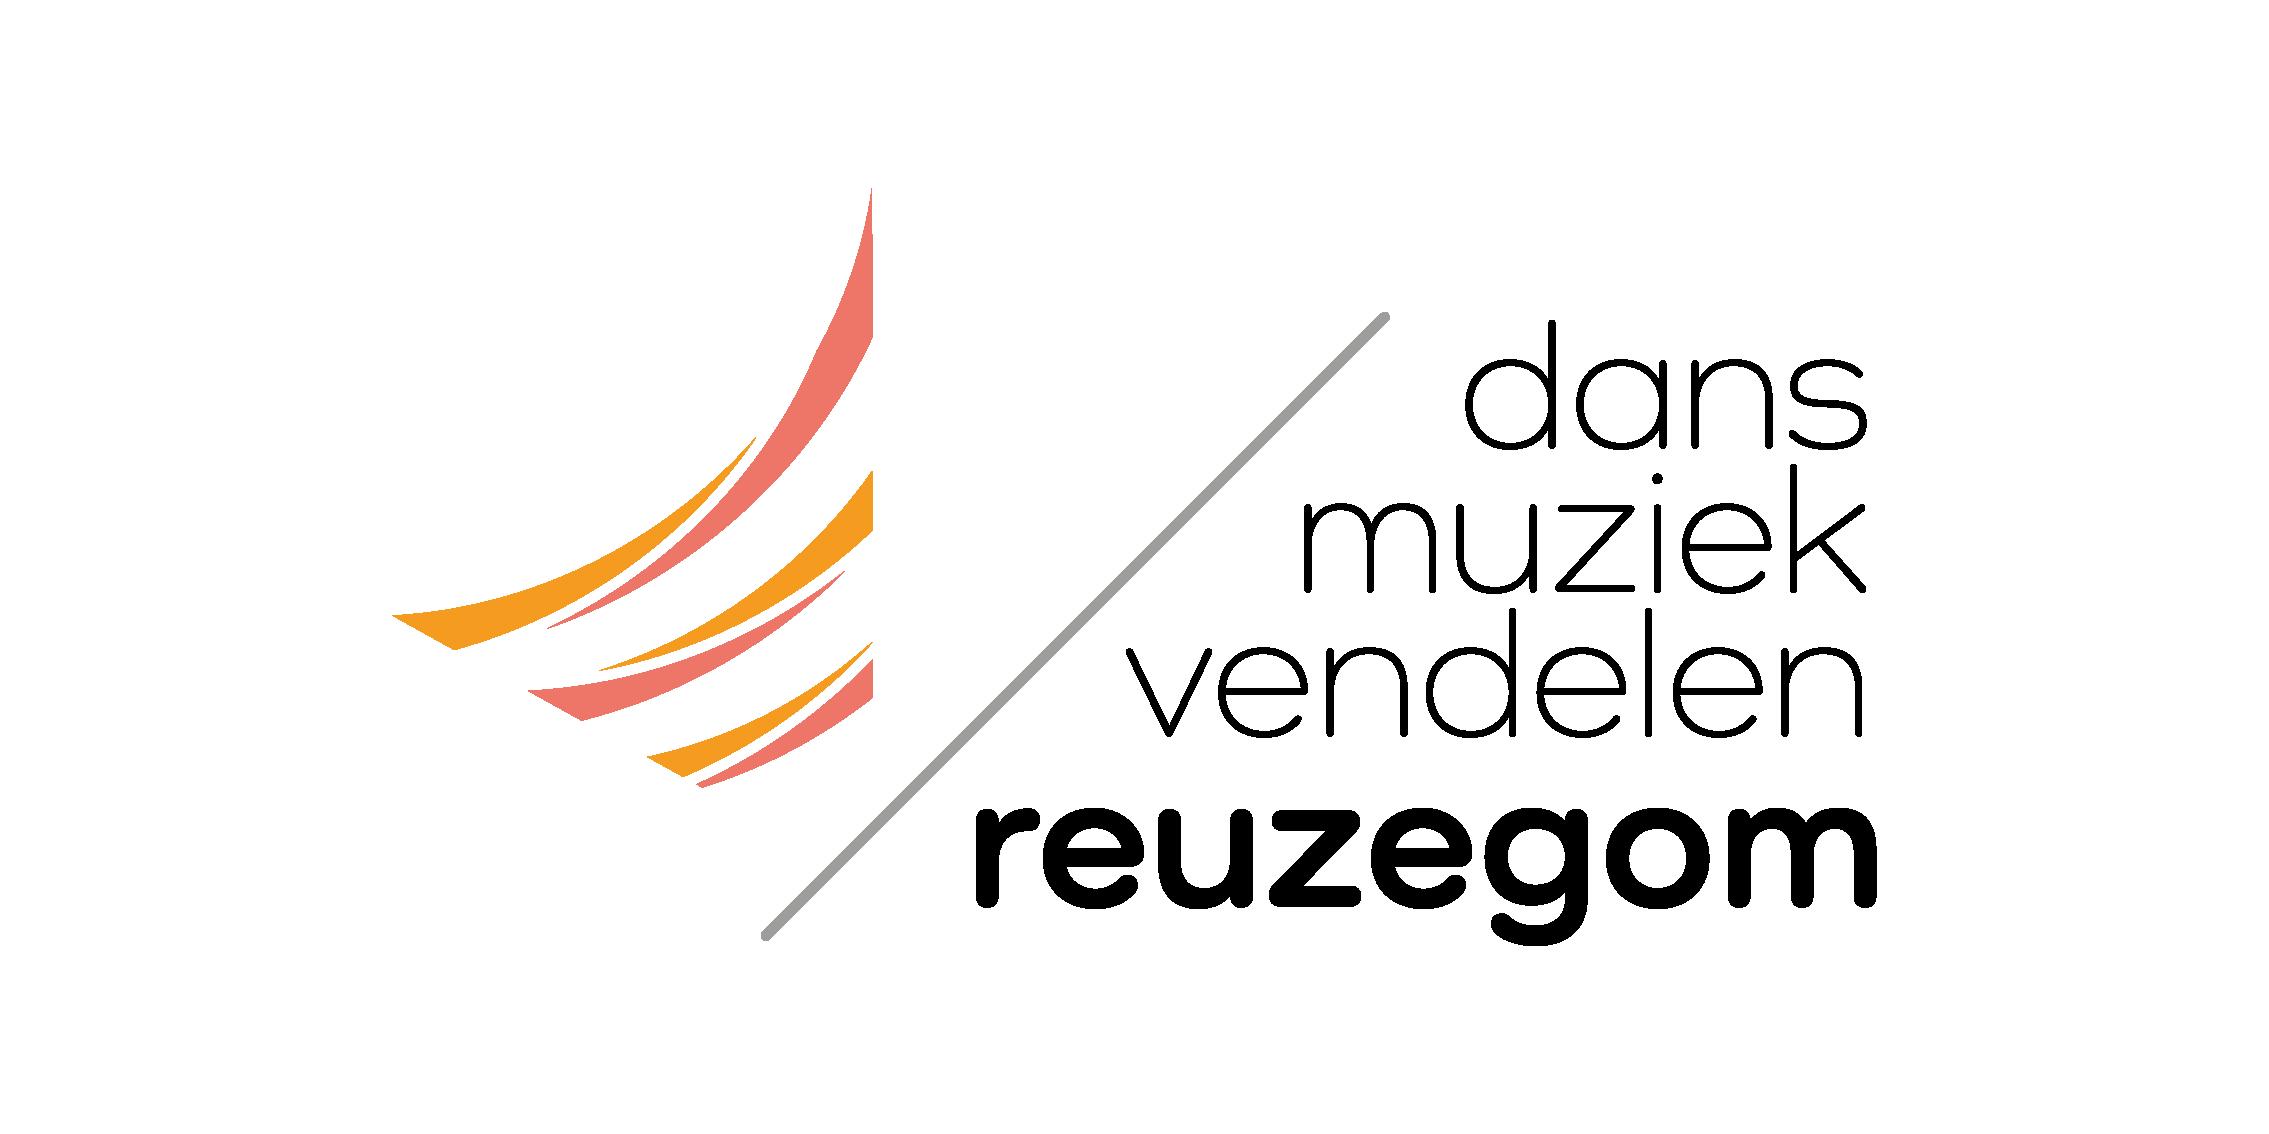 Logo Reuzegom dans muziek vendelen